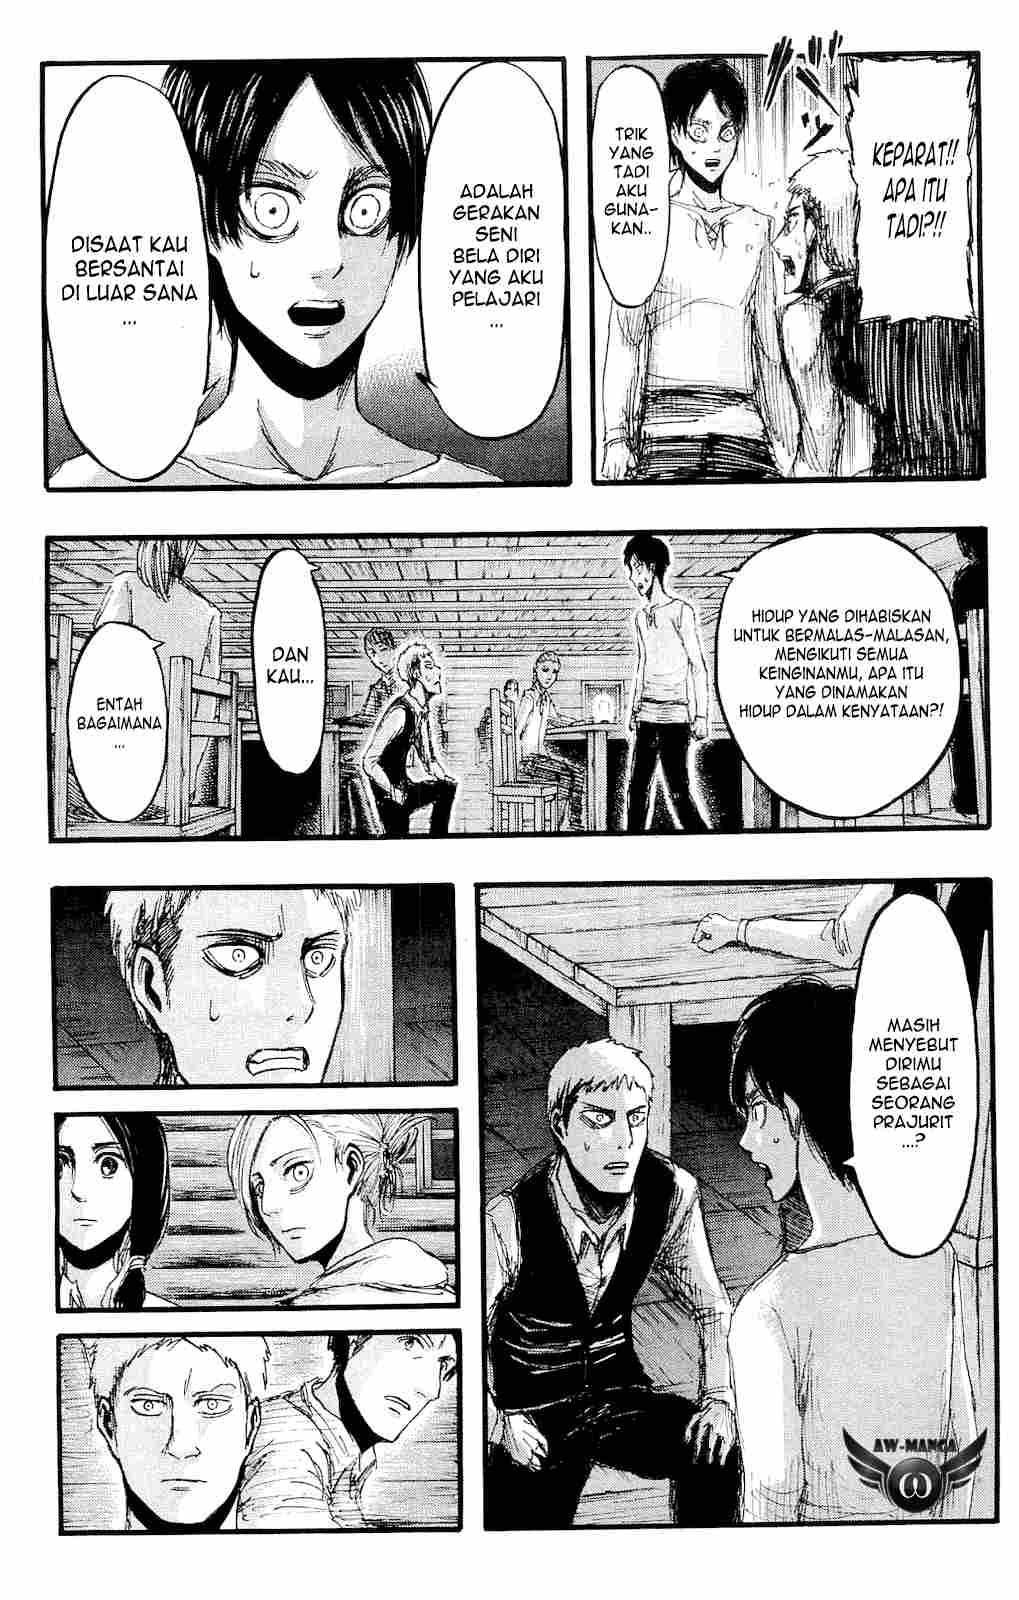 Komik shingeki no kyojin 017 - ilusi dari kekuatan 18 Indonesia shingeki no kyojin 017 - ilusi dari kekuatan Terbaru 29|Baca Manga Komik Indonesia|